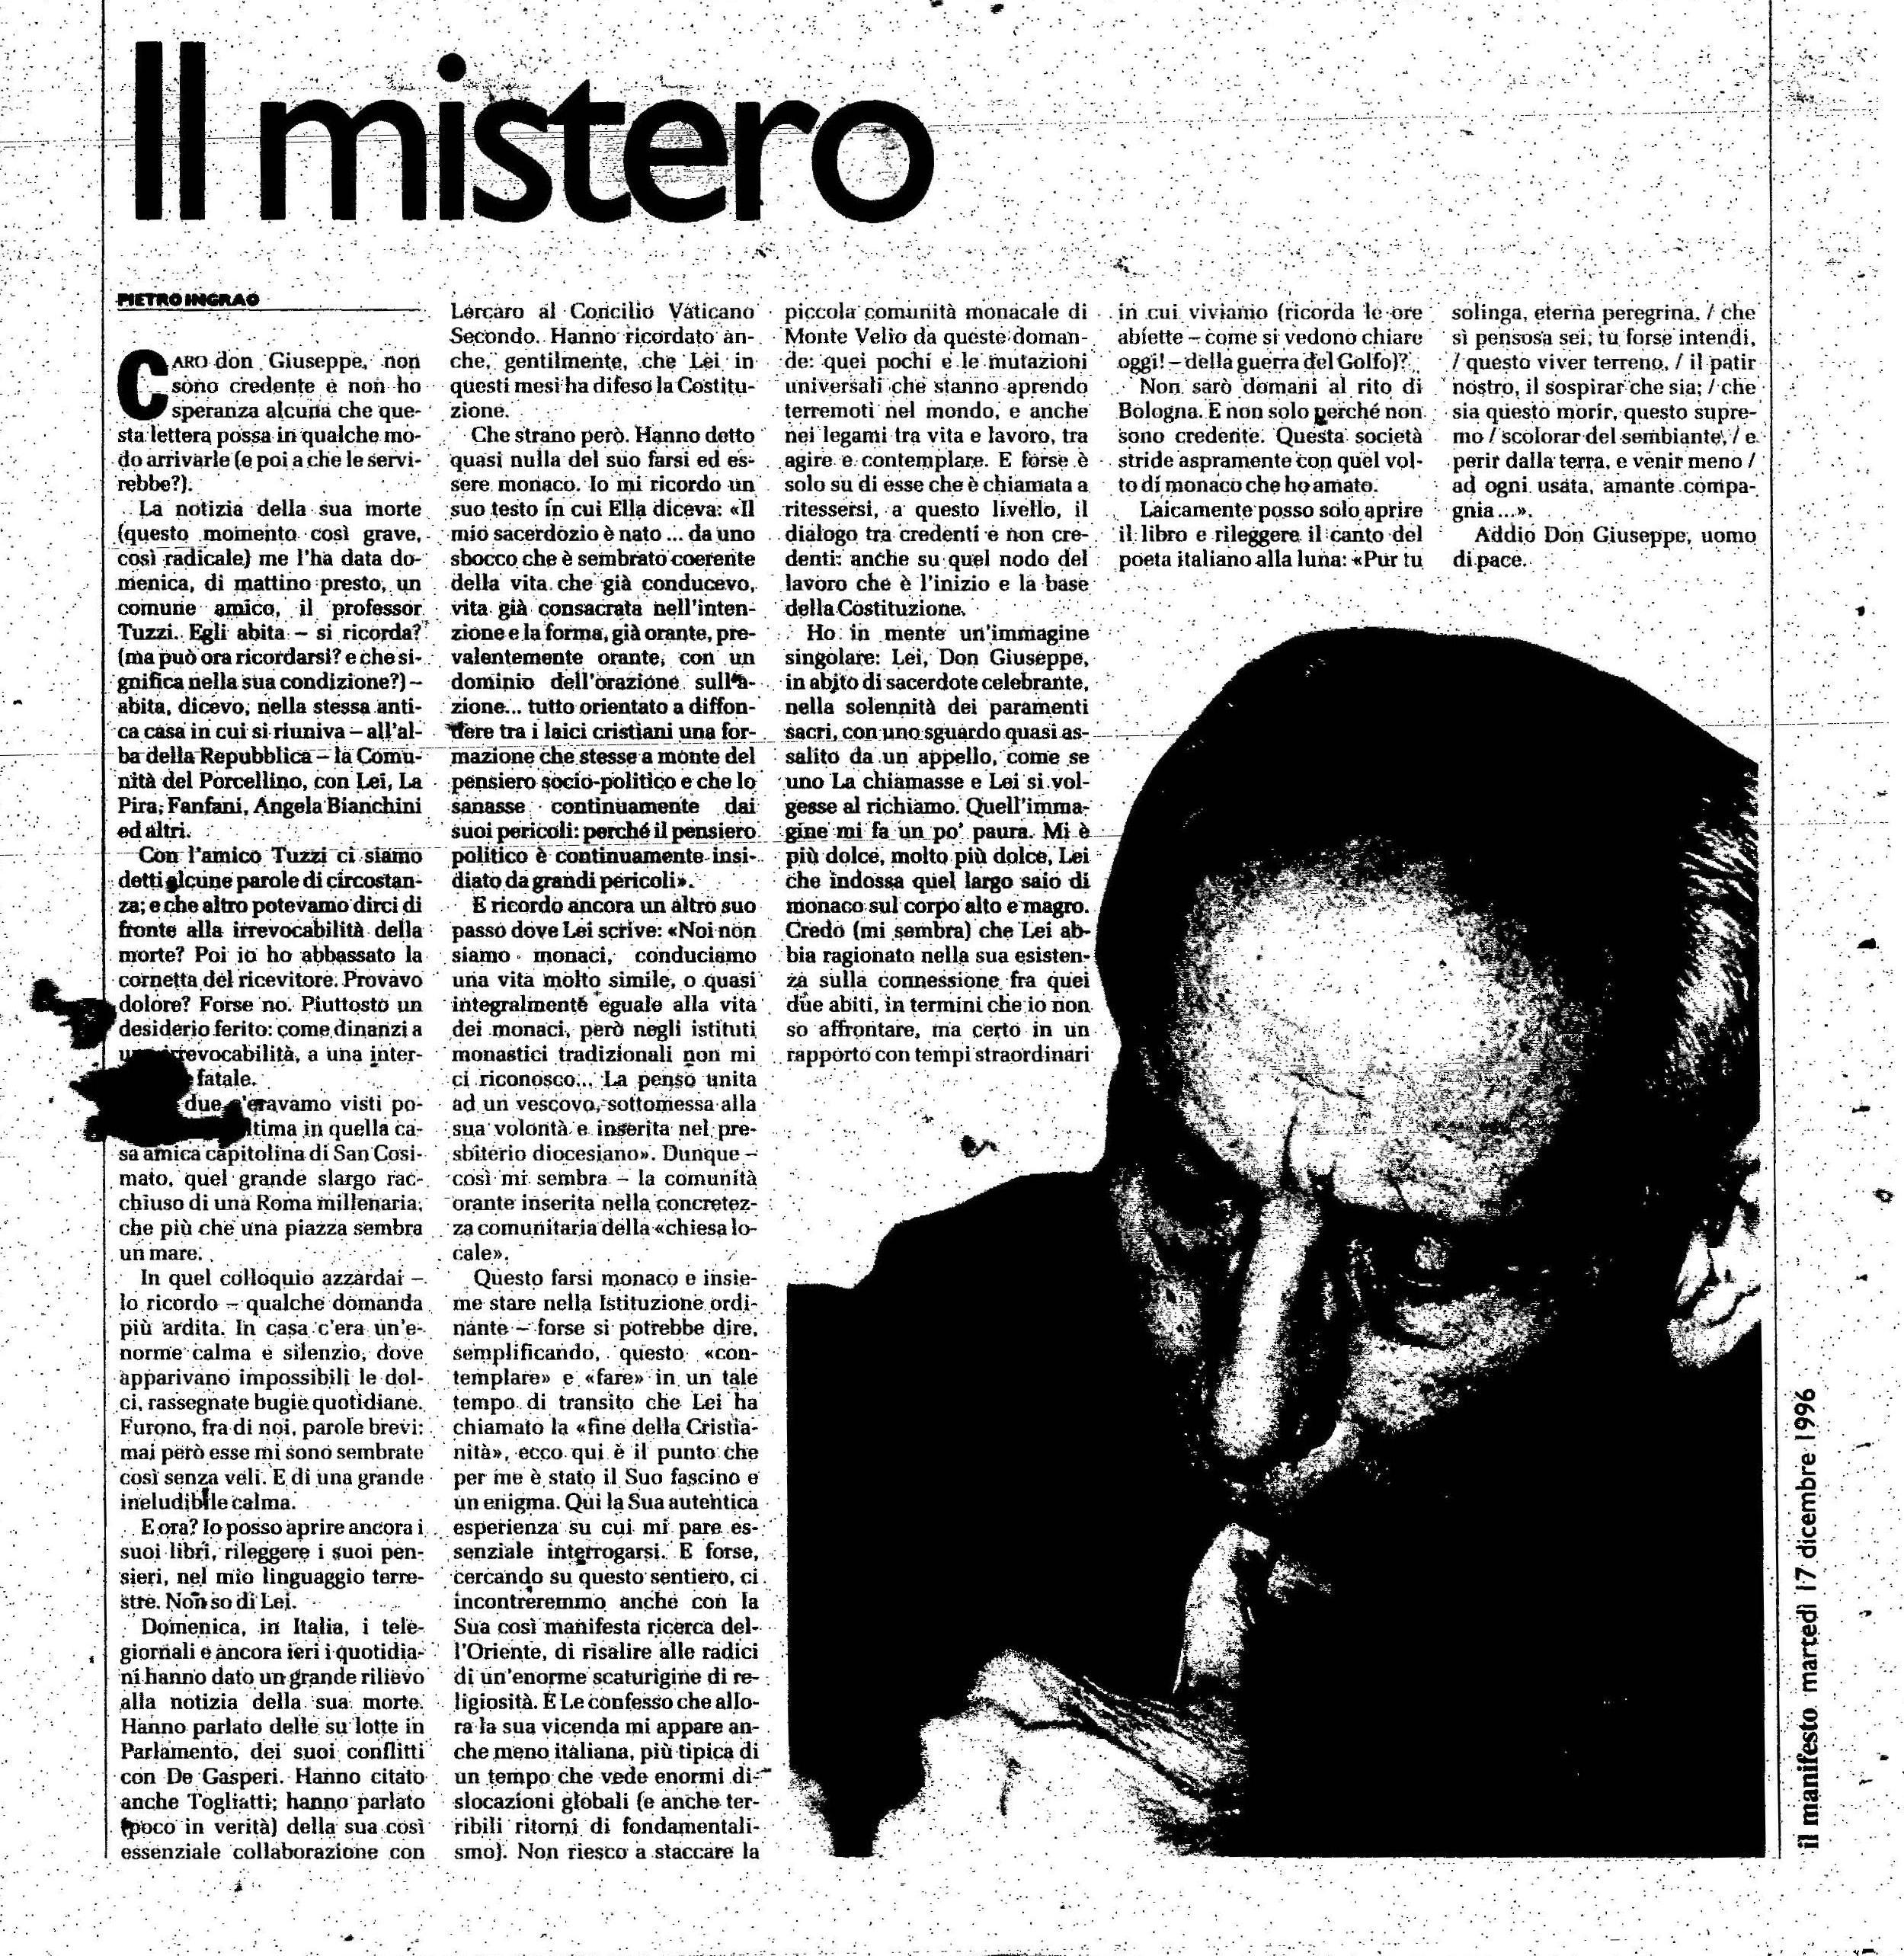 Il Mistero-1996-17 dicembre